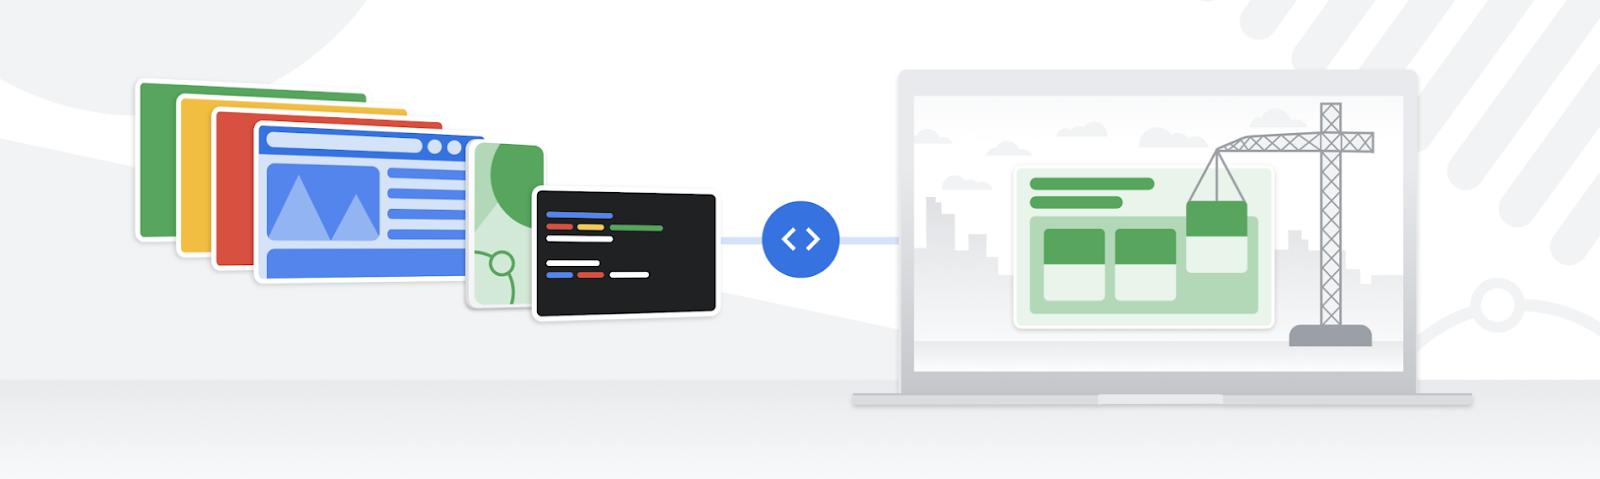 ChromeOS.dev — A blueprint to build world-class apps and games for Chrome OS